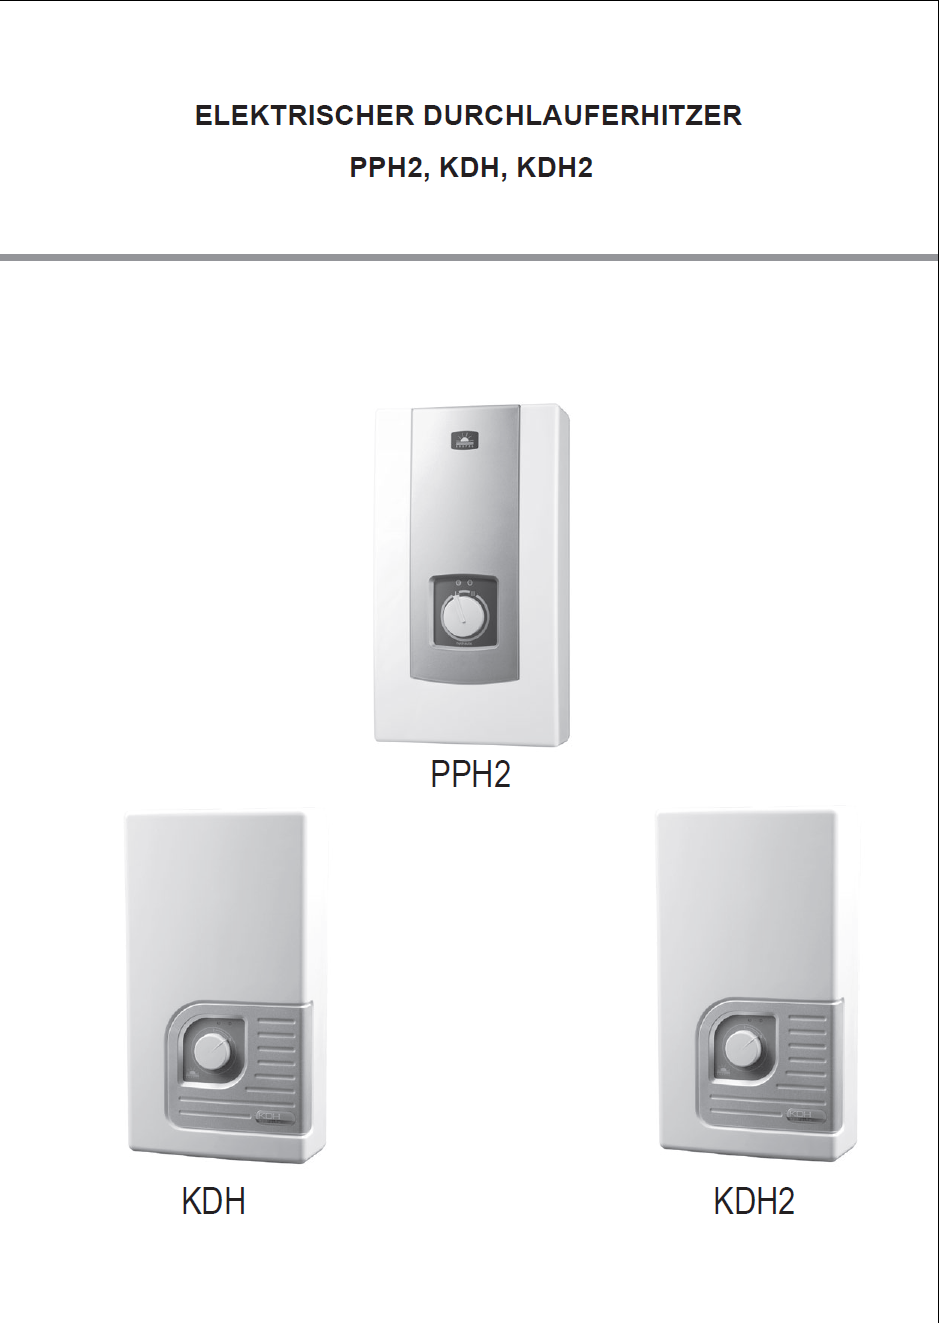 Bedienungsanleitung PPH2, KDH, KDH2.pdf